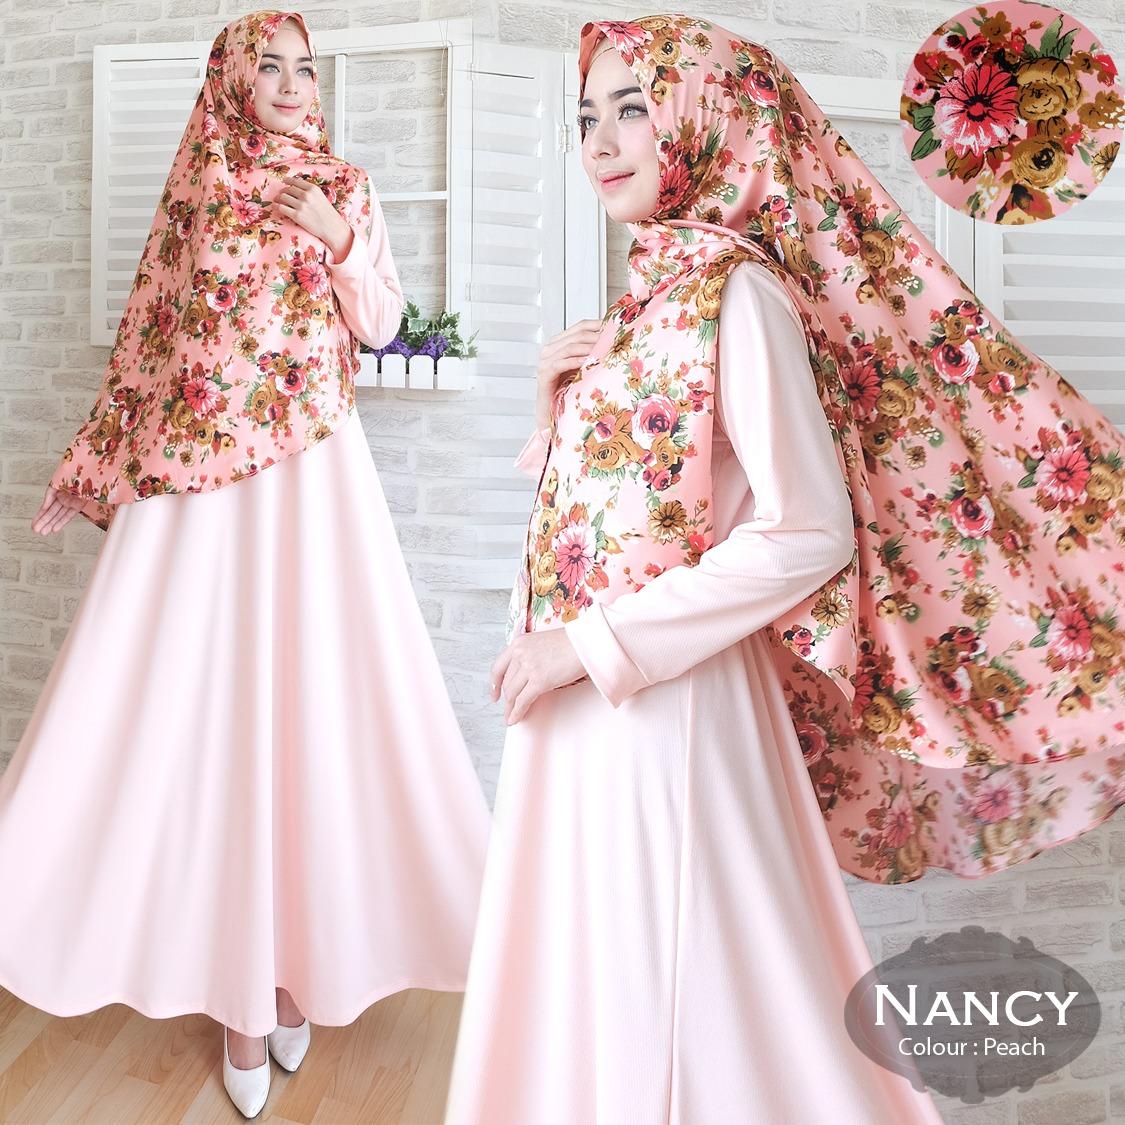 Gamis-Cantik-Nancy-Misbee-Peach.jpg